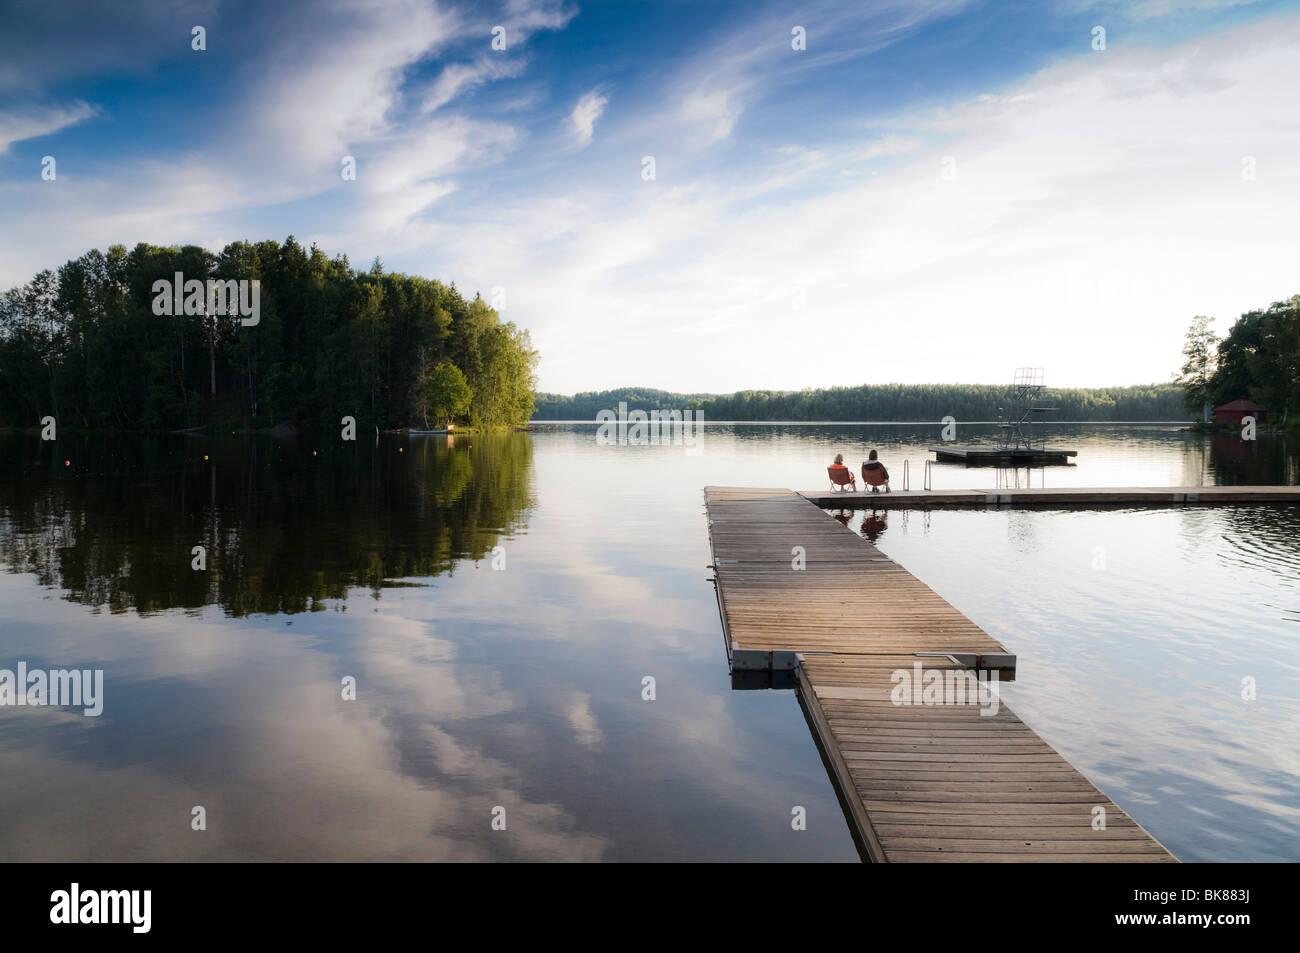 Lake dans le sud-ouest de la Suède, Scandinavie, Europe Photo Stock